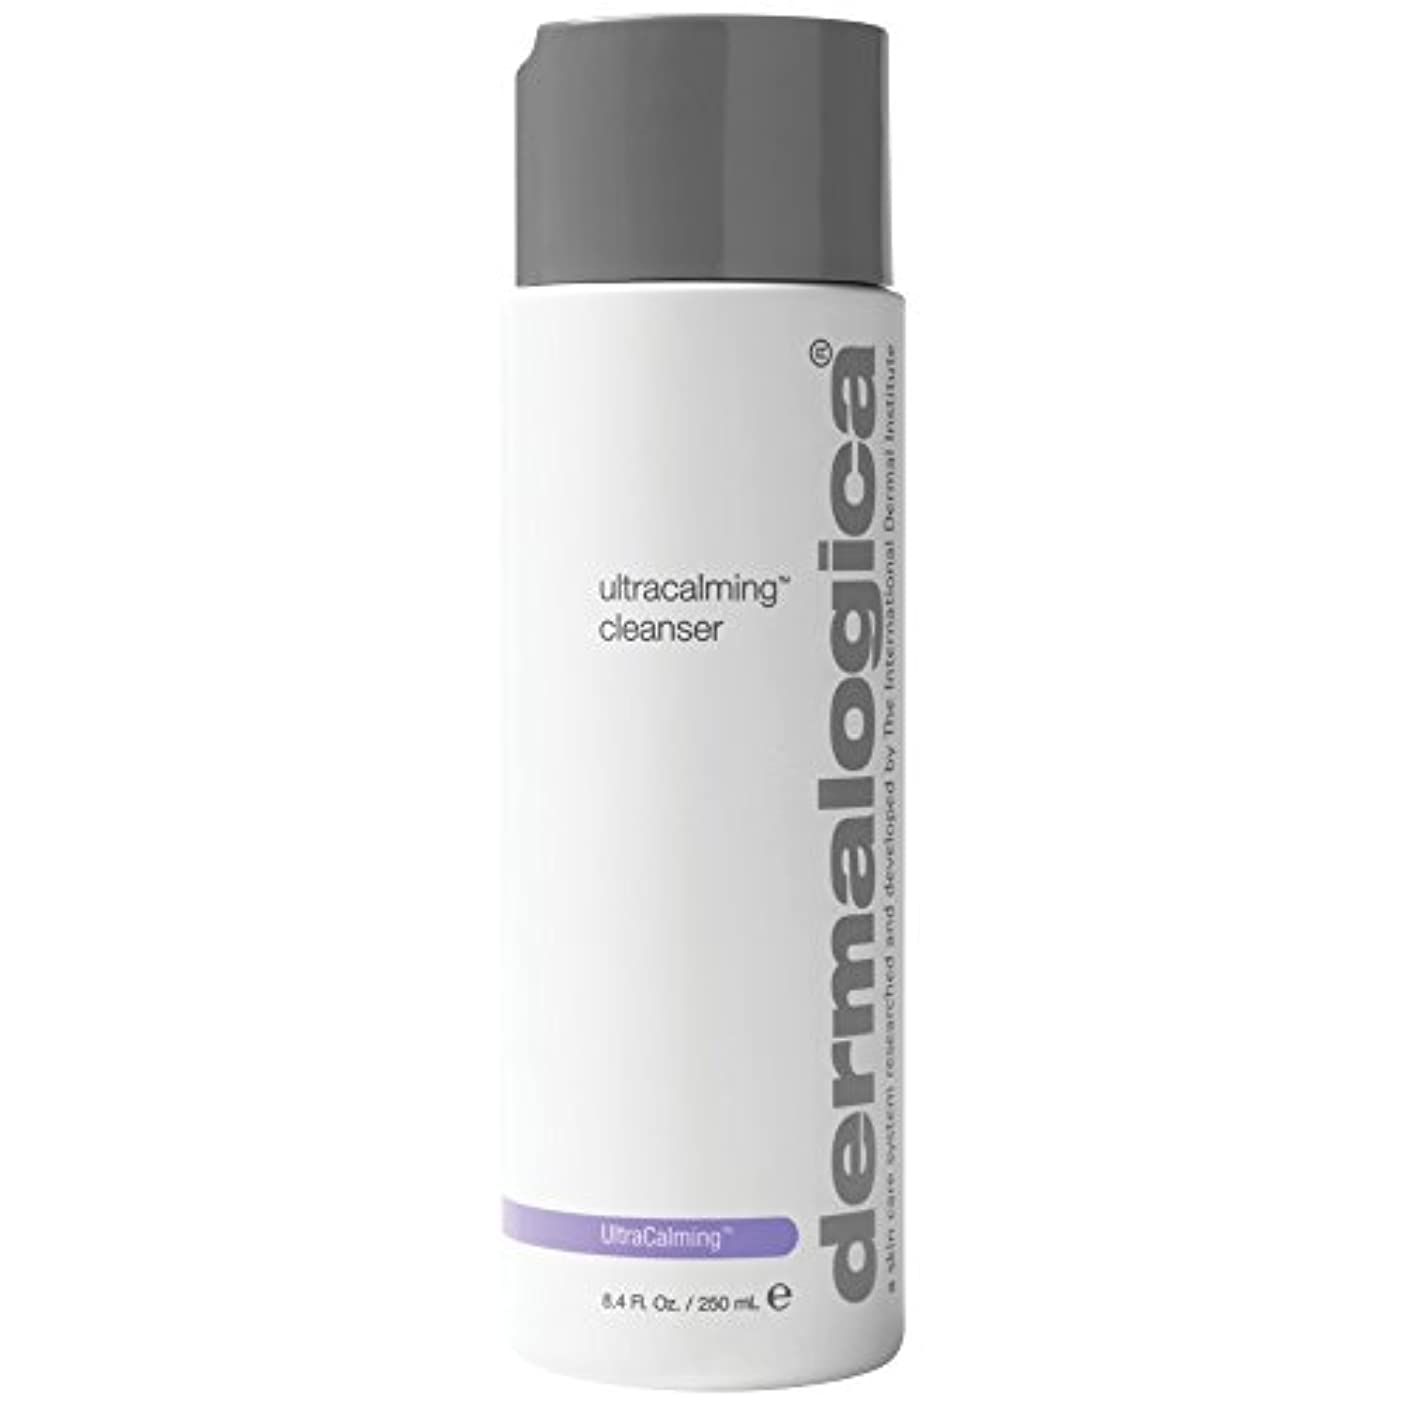 ビジョン針アウトドアダーマロジカUltracalming?クレンザーの250ミリリットル (Dermalogica) (x6) - Dermalogica UltraCalming? Cleanser 250ml (Pack of 6) [...